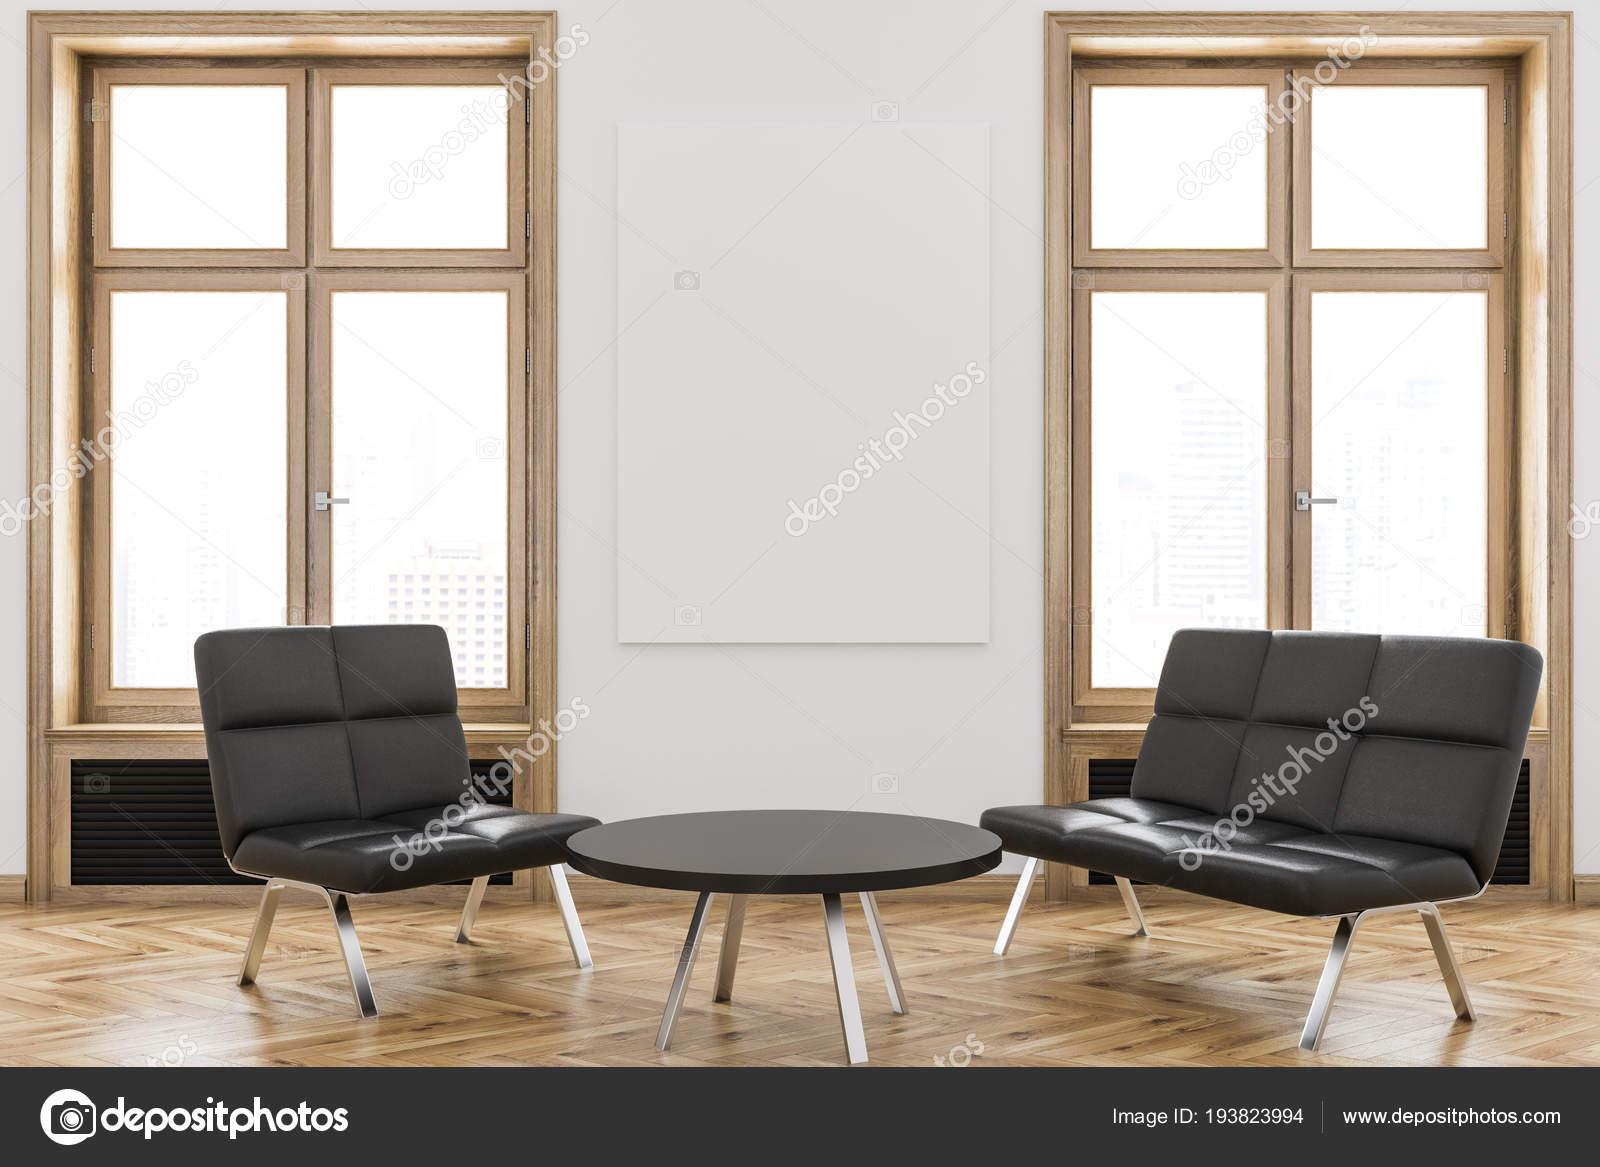 Ufficio Divano Nero : Area attesa divano nero ufficio albergo una clinica con pareti